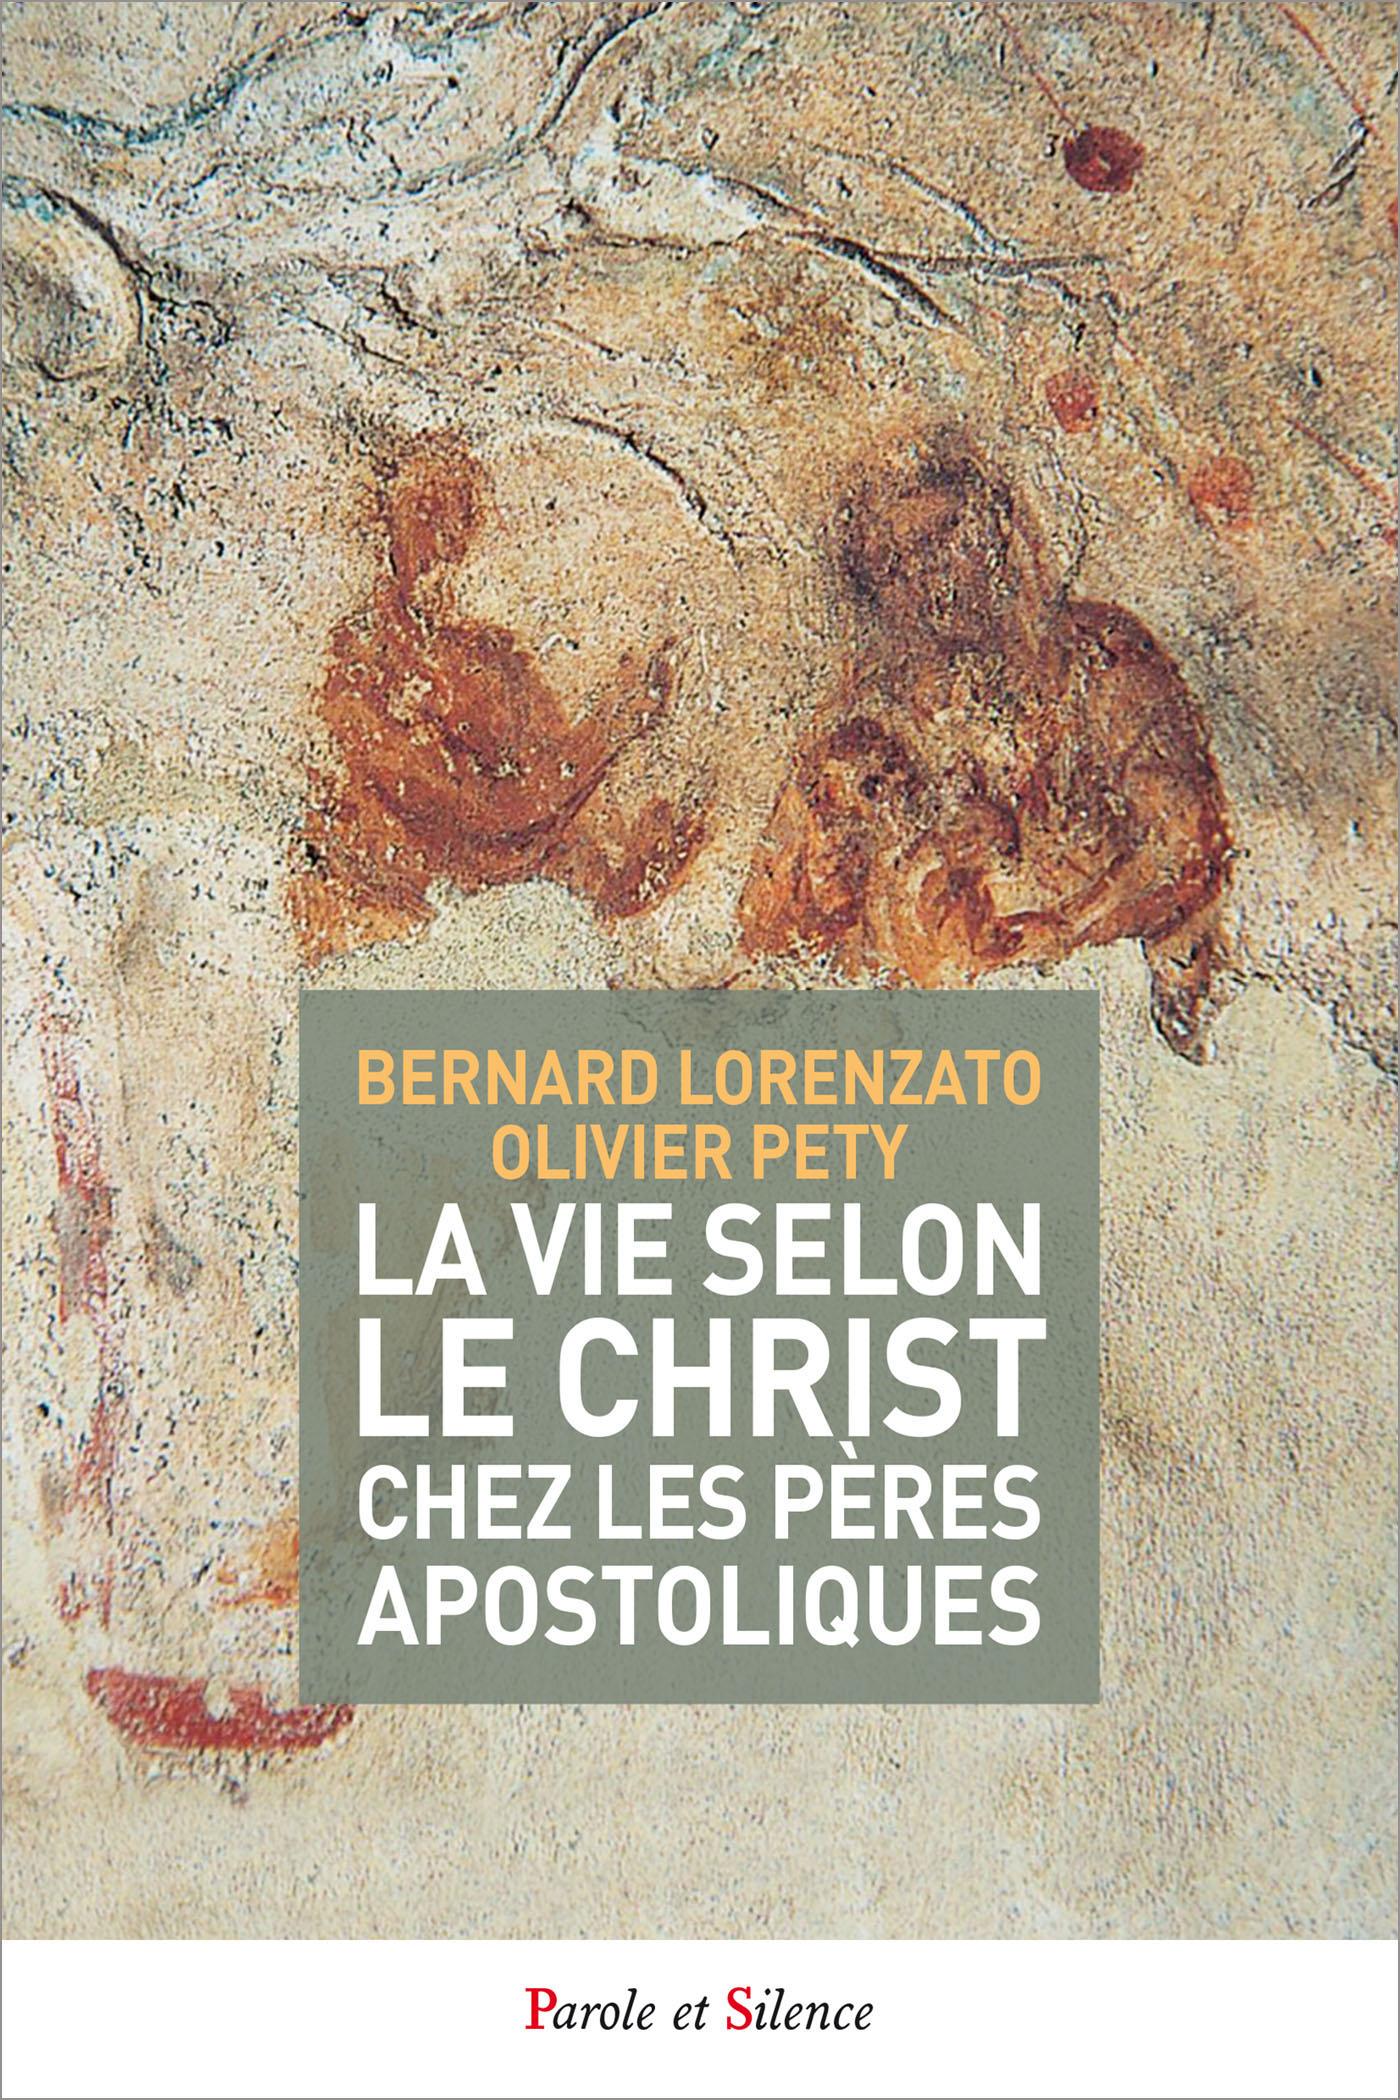 La vie selon le Christ chez les pères apostoliques